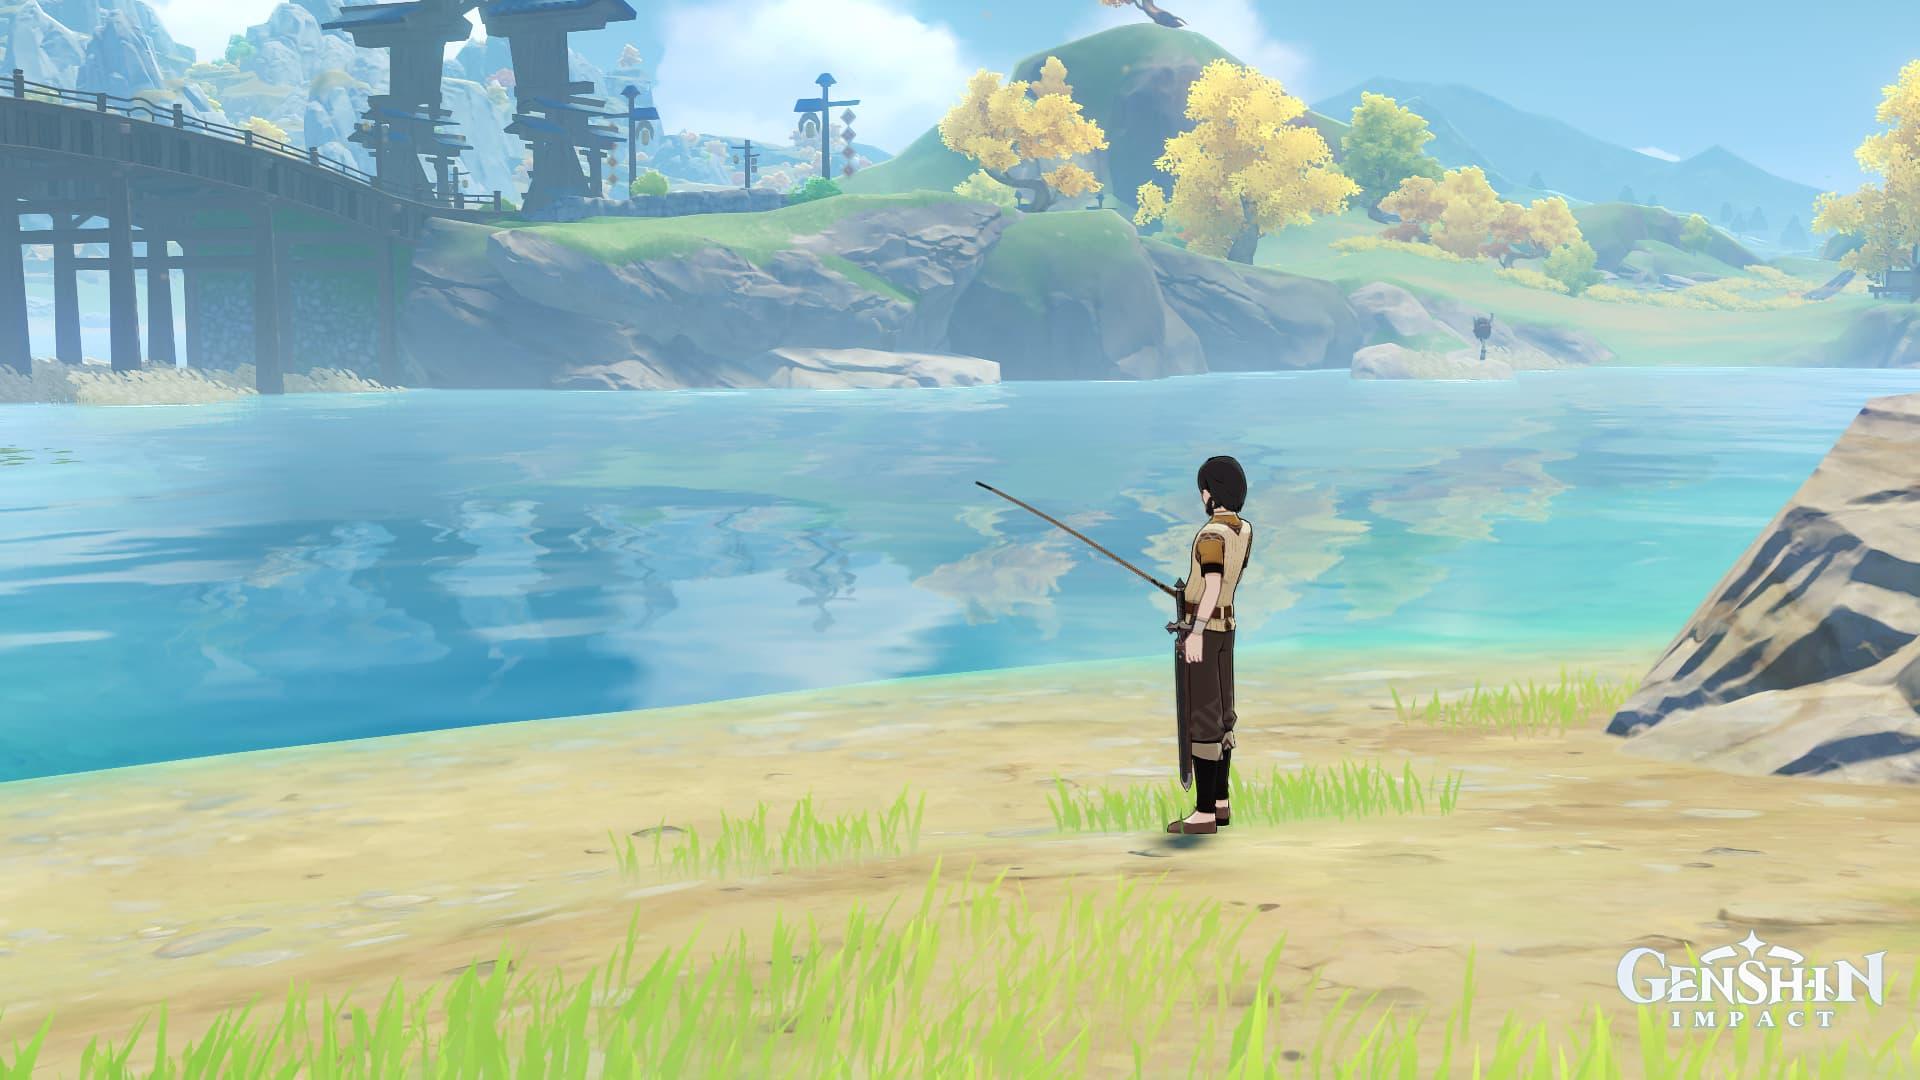 Genshin impact tendrá mecánicas de pesca